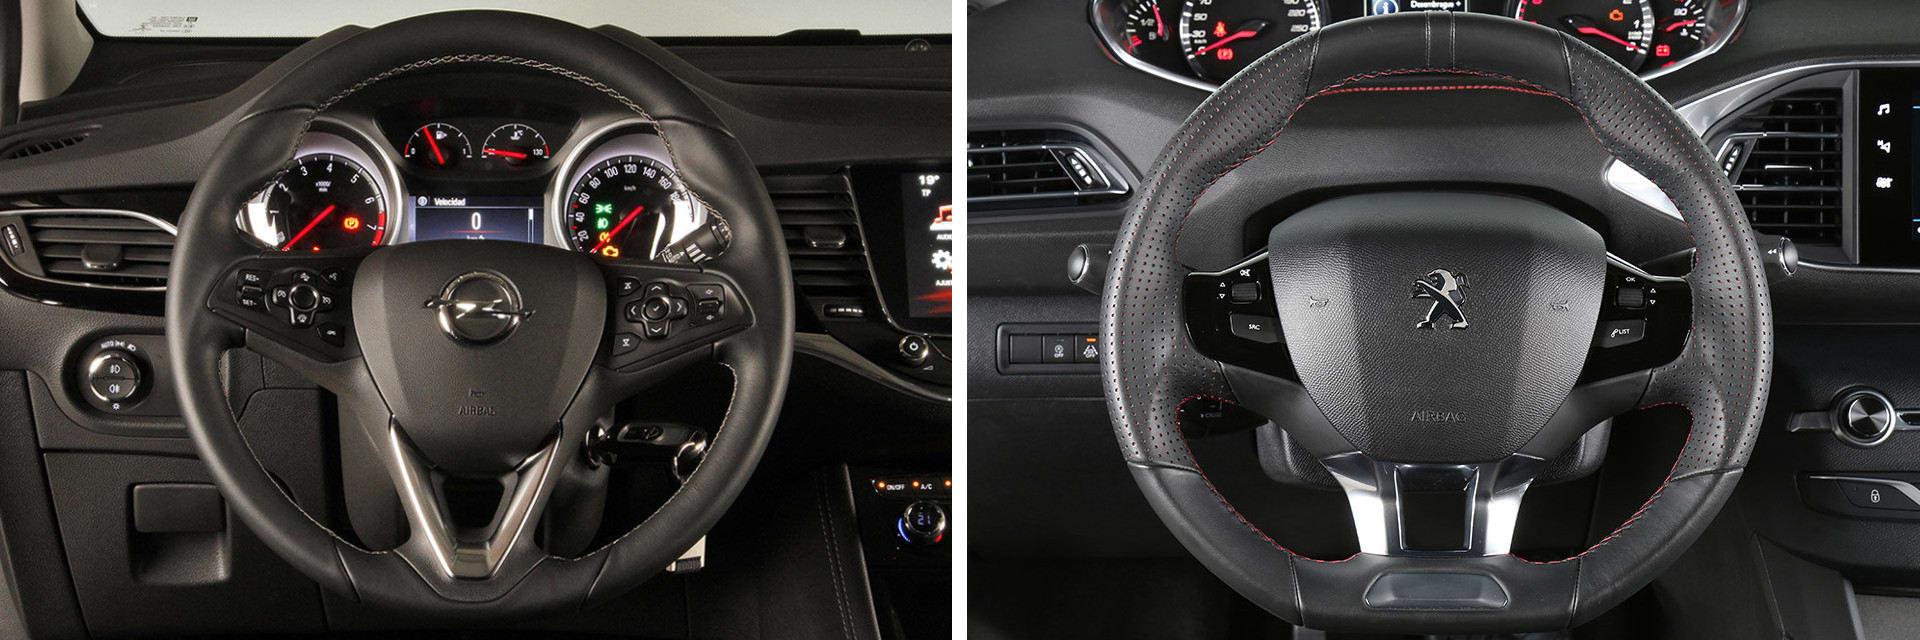 El volante del Peugeot 308 (dcha.) es más pequeño de lo normal e impide ver la instrumentación por encima del aro.